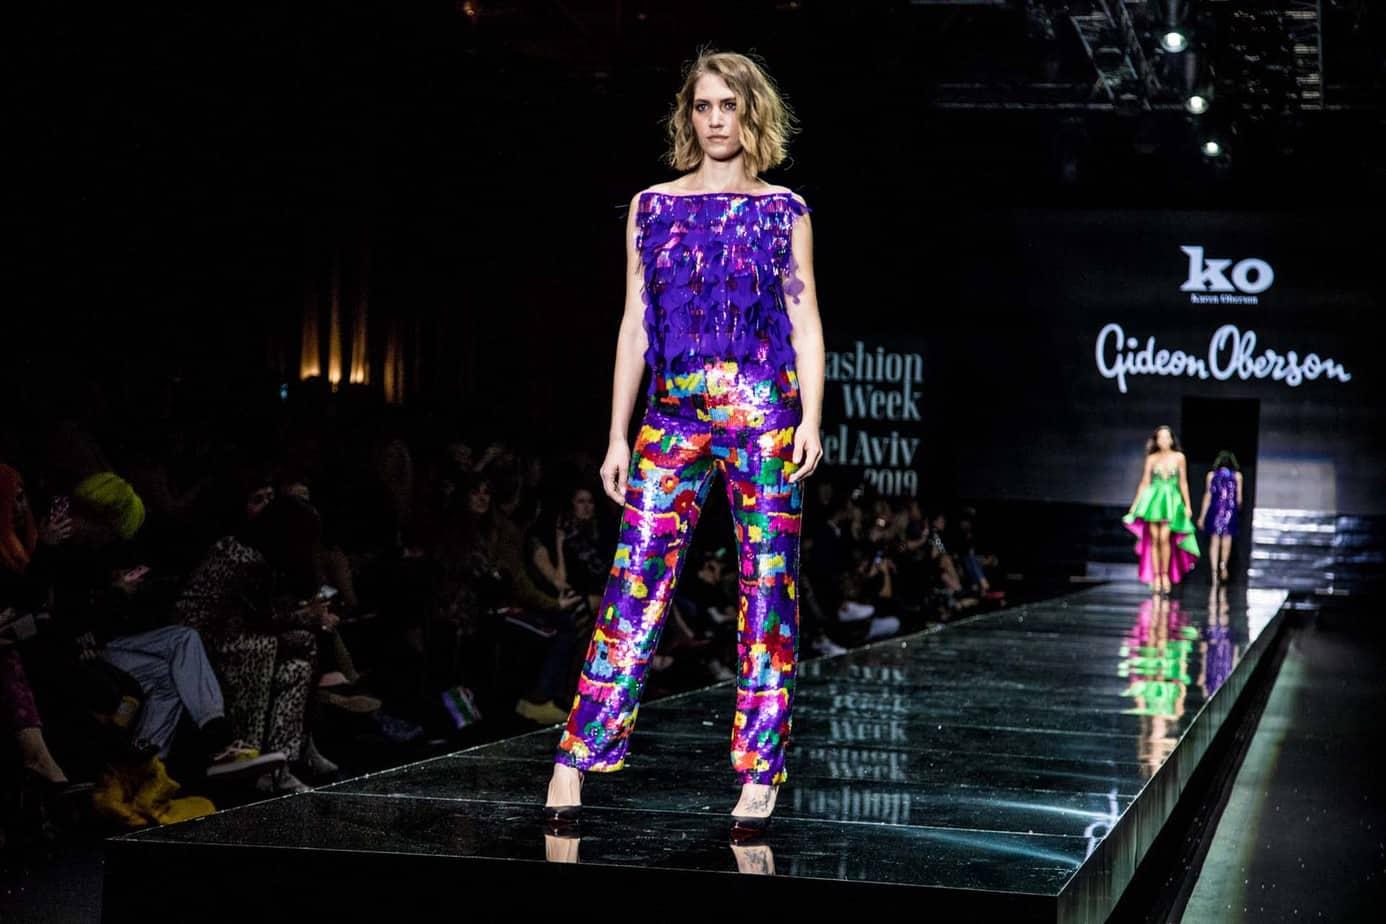 ג׳ני צרנוי. גדעון אוברזון. שבוע האופנה תל אביב 2019. צילום: אלכס פרגמנט